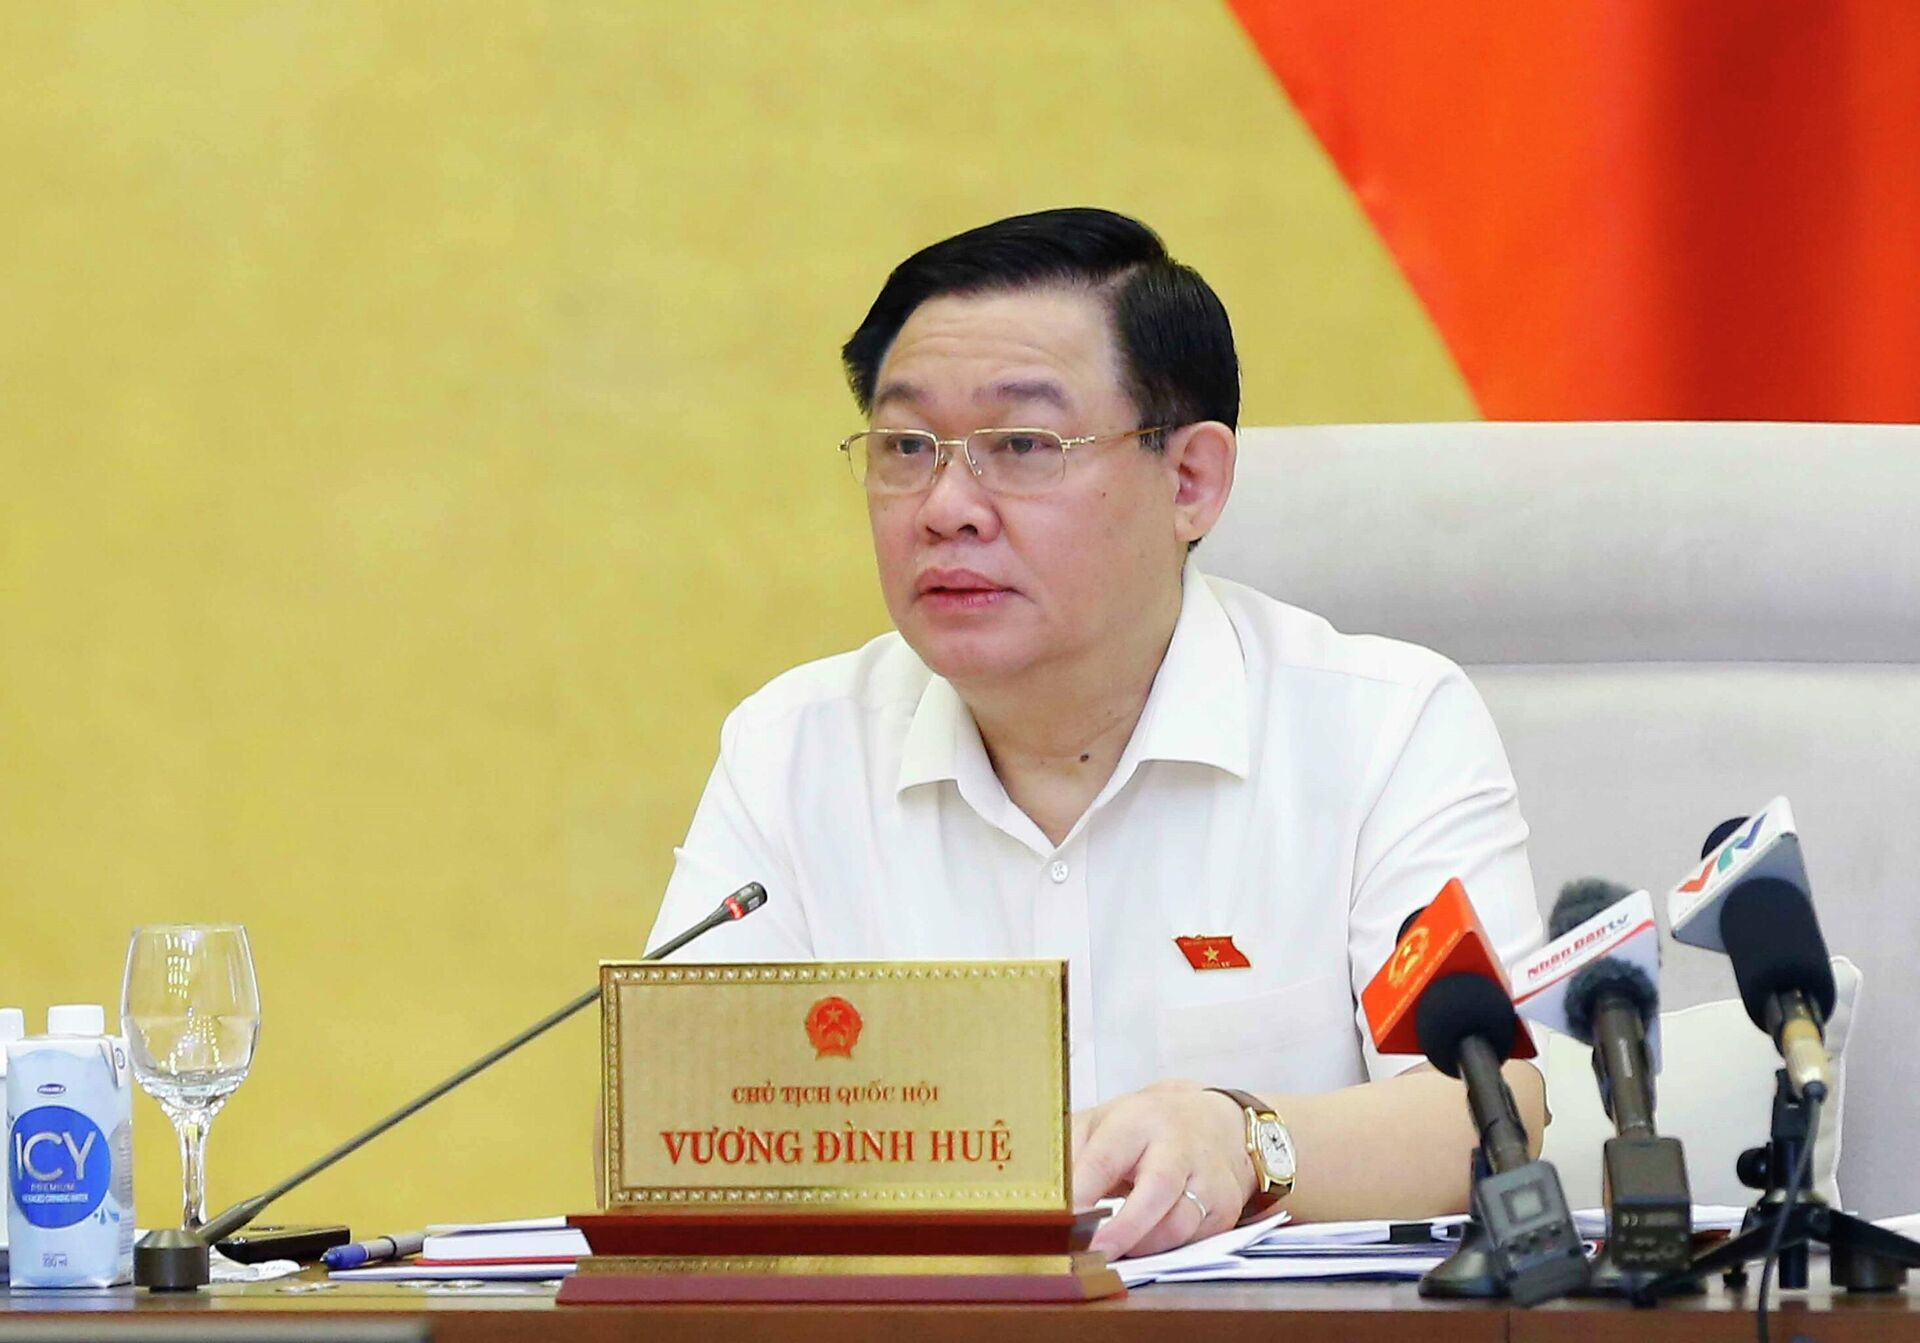 Chủ tịch Quốc hội Vương Đình Huệ phát biểu  - Sputnik Việt Nam, 1920, 13.10.2021